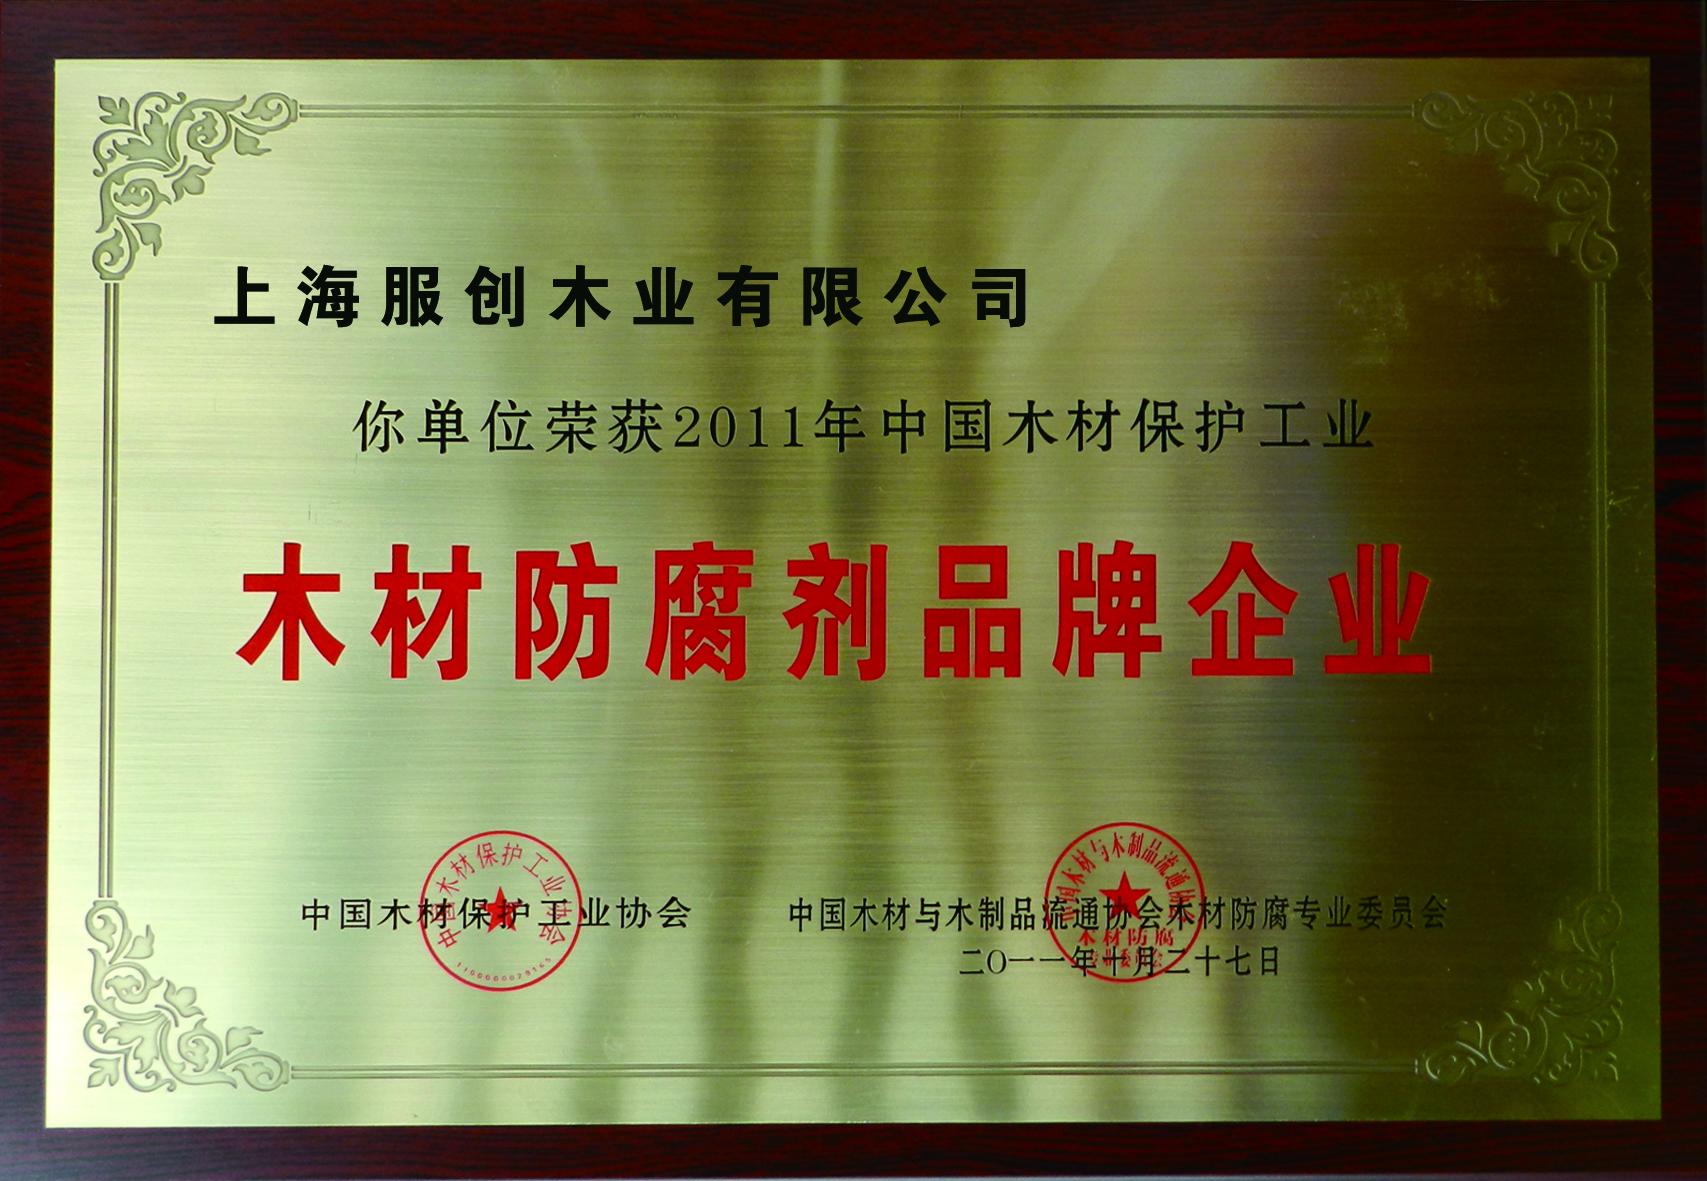 木材防腐剂品牌企业2.jpg